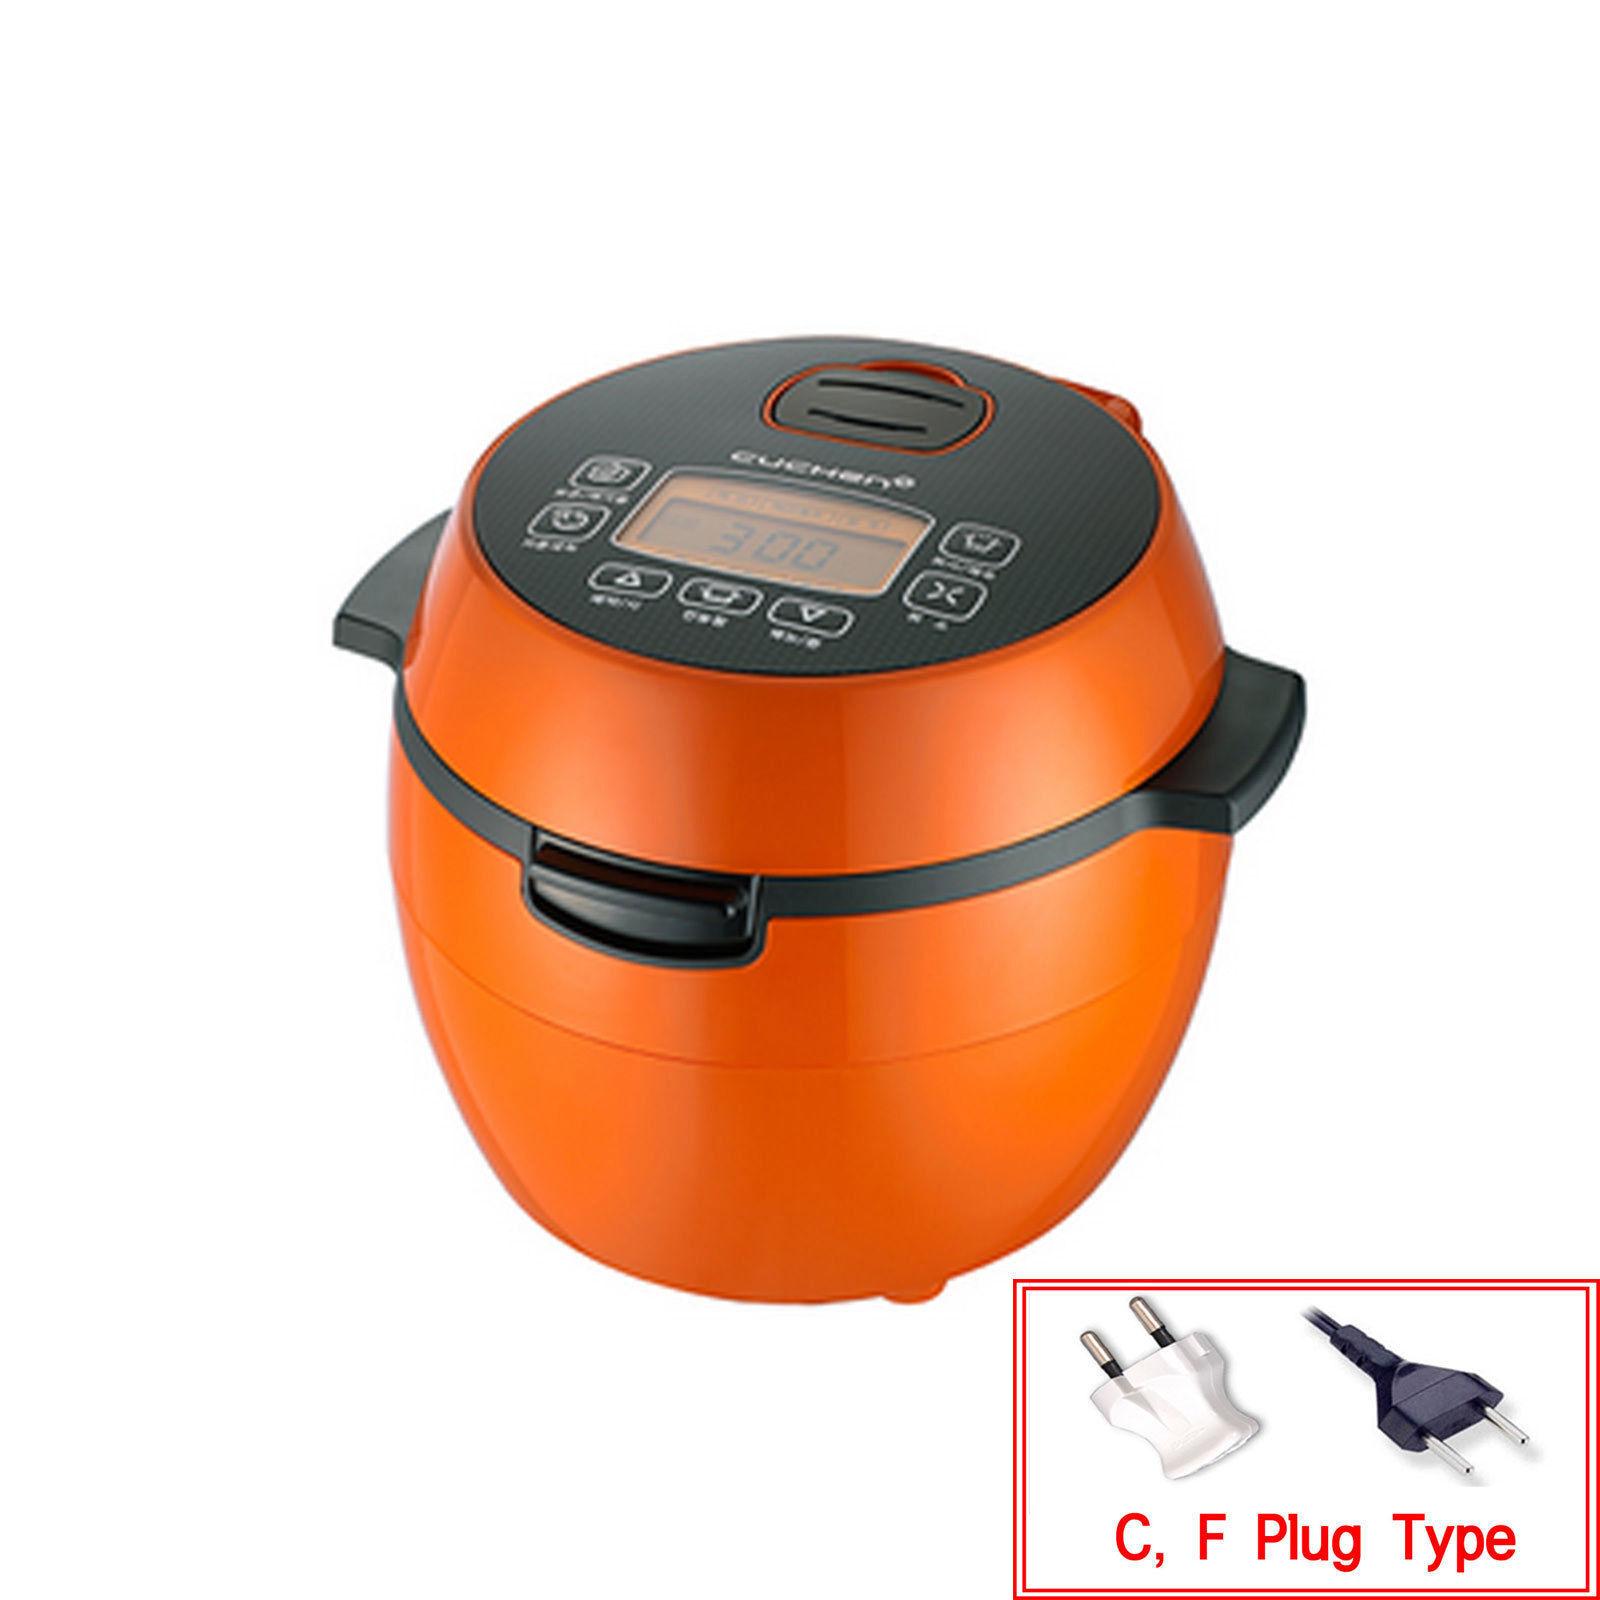 Cuchen CJE-A0302 Corée économie électrique Cuiseur à riz pour 3 Personne Orange